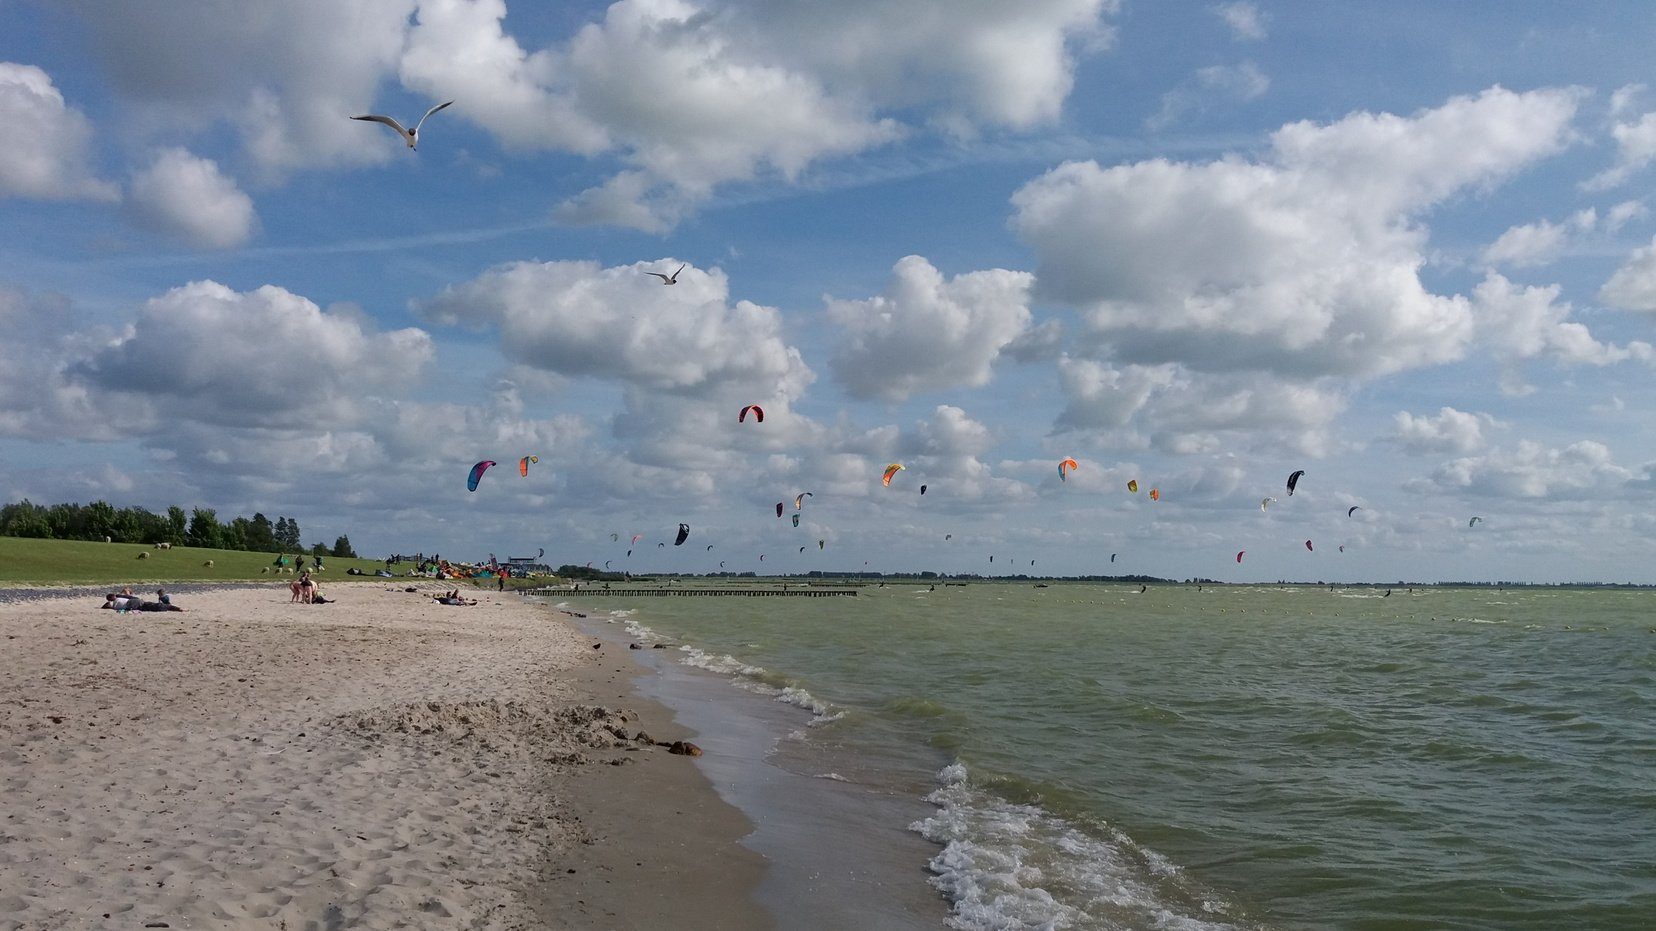 Hindeloopen strand met kitesurfers Getsje Stellingwerf fotowedstrijd gemeentegids 2018